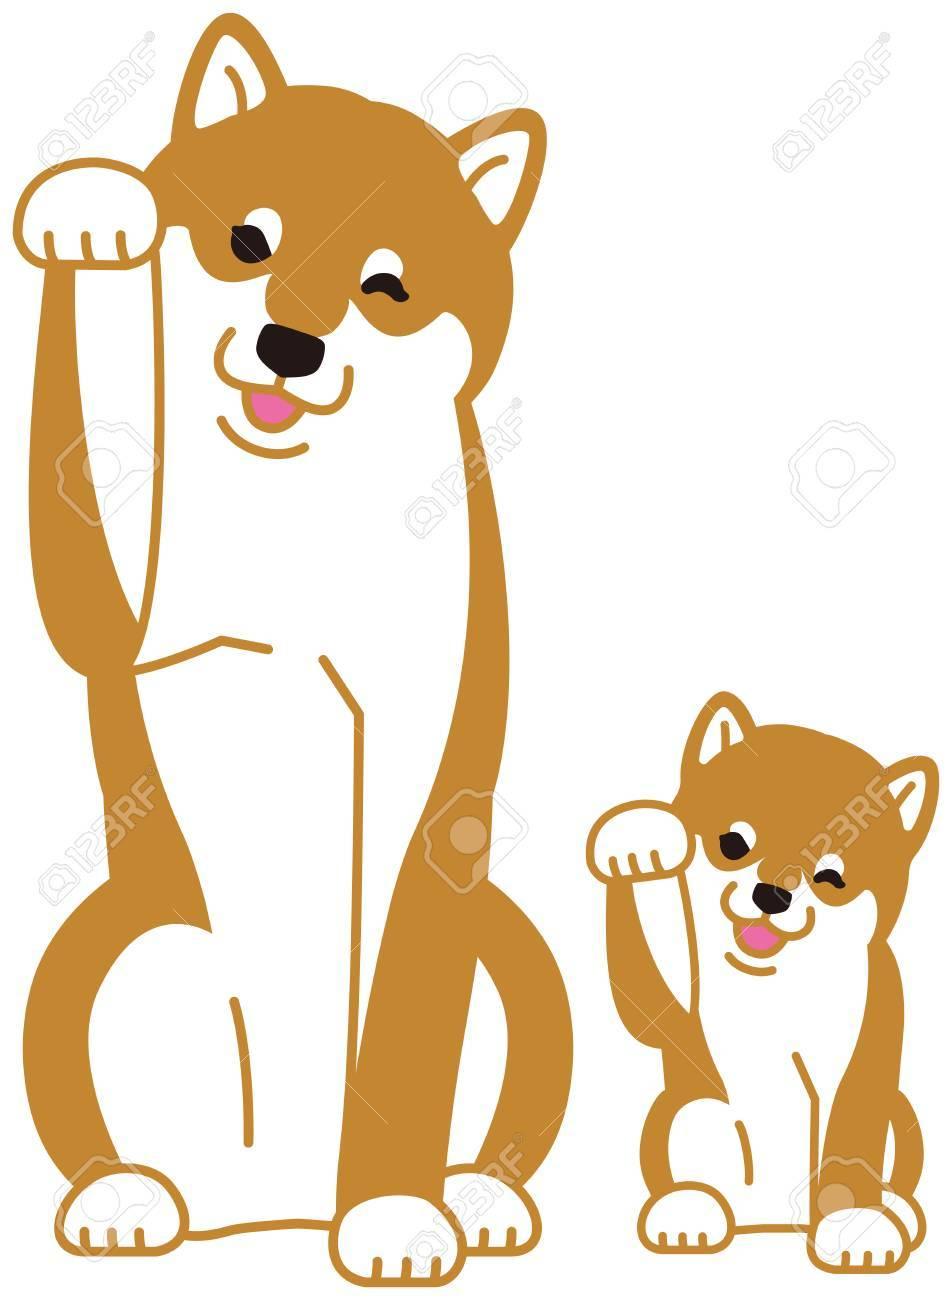 日本の犬柴犬の親子のイラスト素材ベクタ Image 87536416